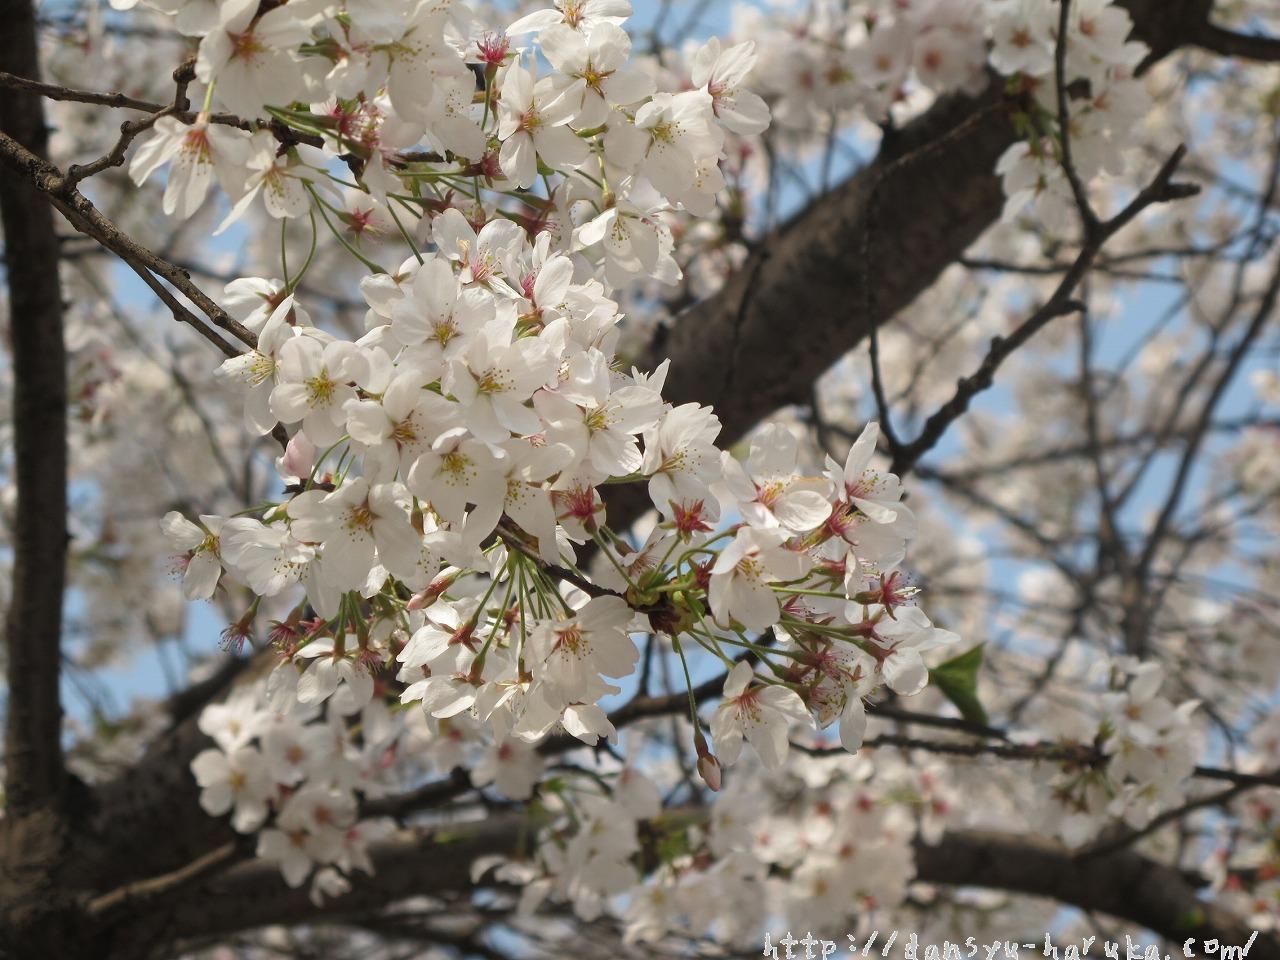 断酒主婦はるかが撮った桜の花